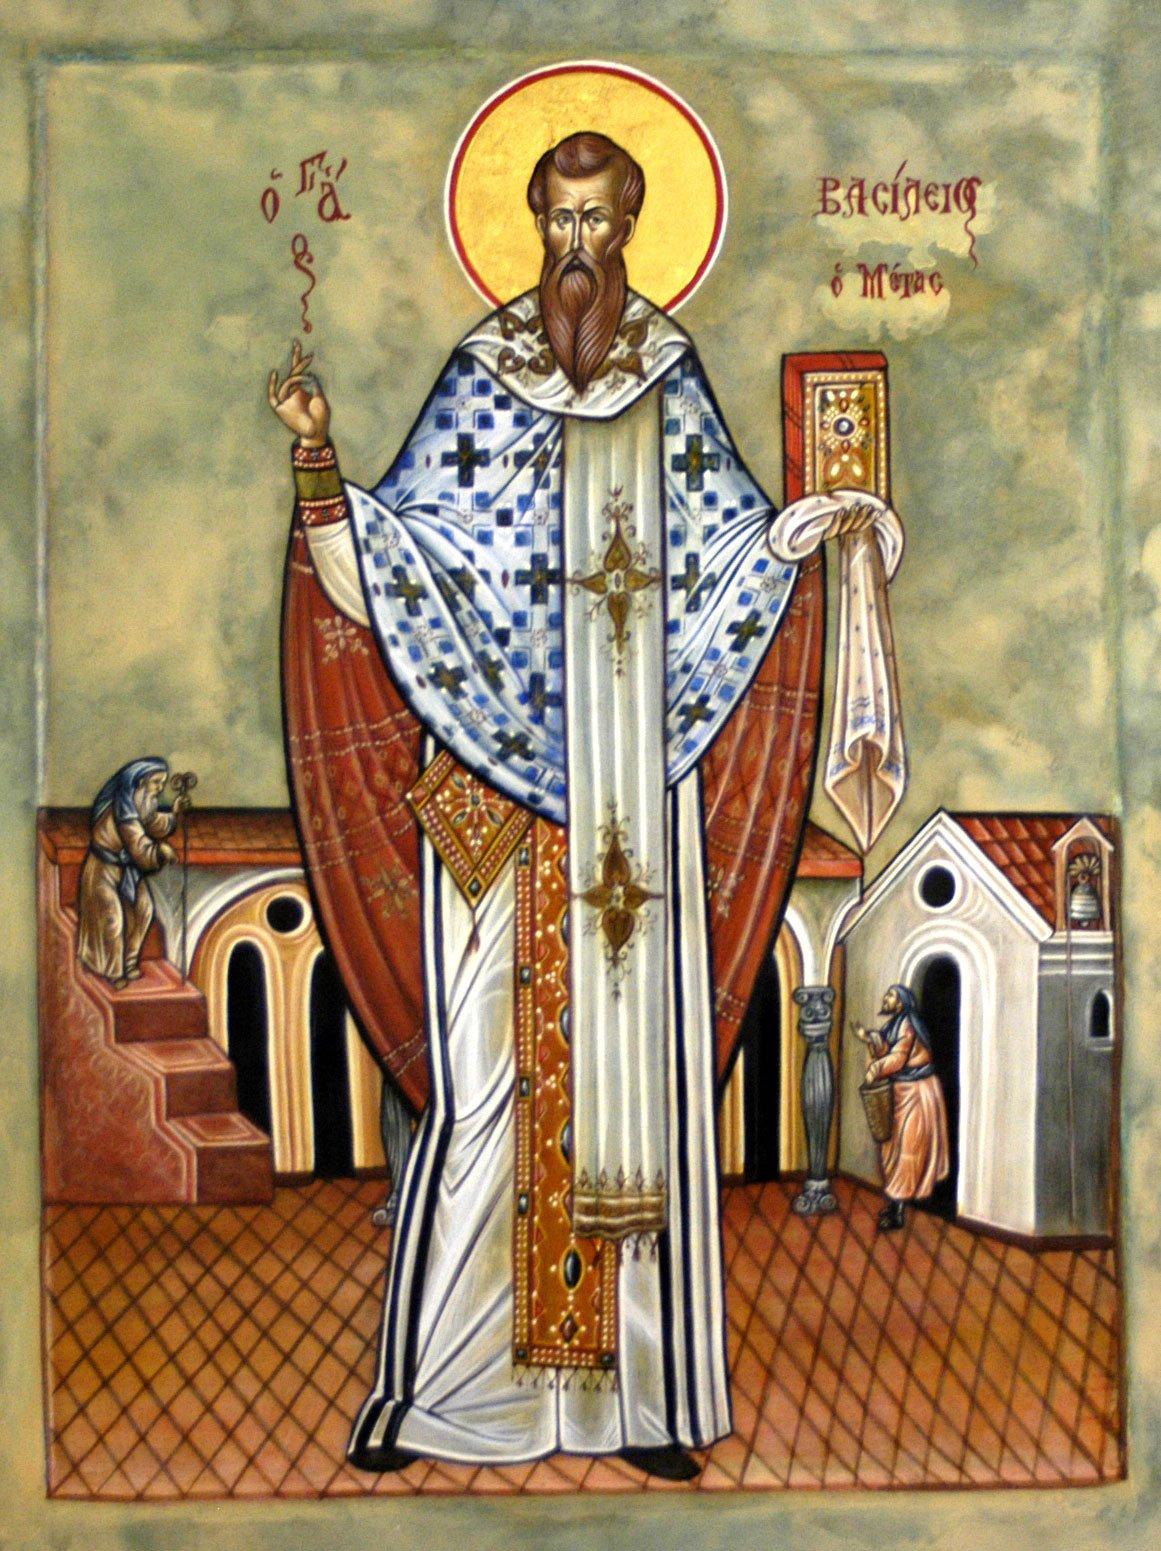 Αποτέλεσμα εικόνας για Τι λένε οι Άγιοι της Πίστεώς μας για τον Πάπα και τους Καθολικούς;